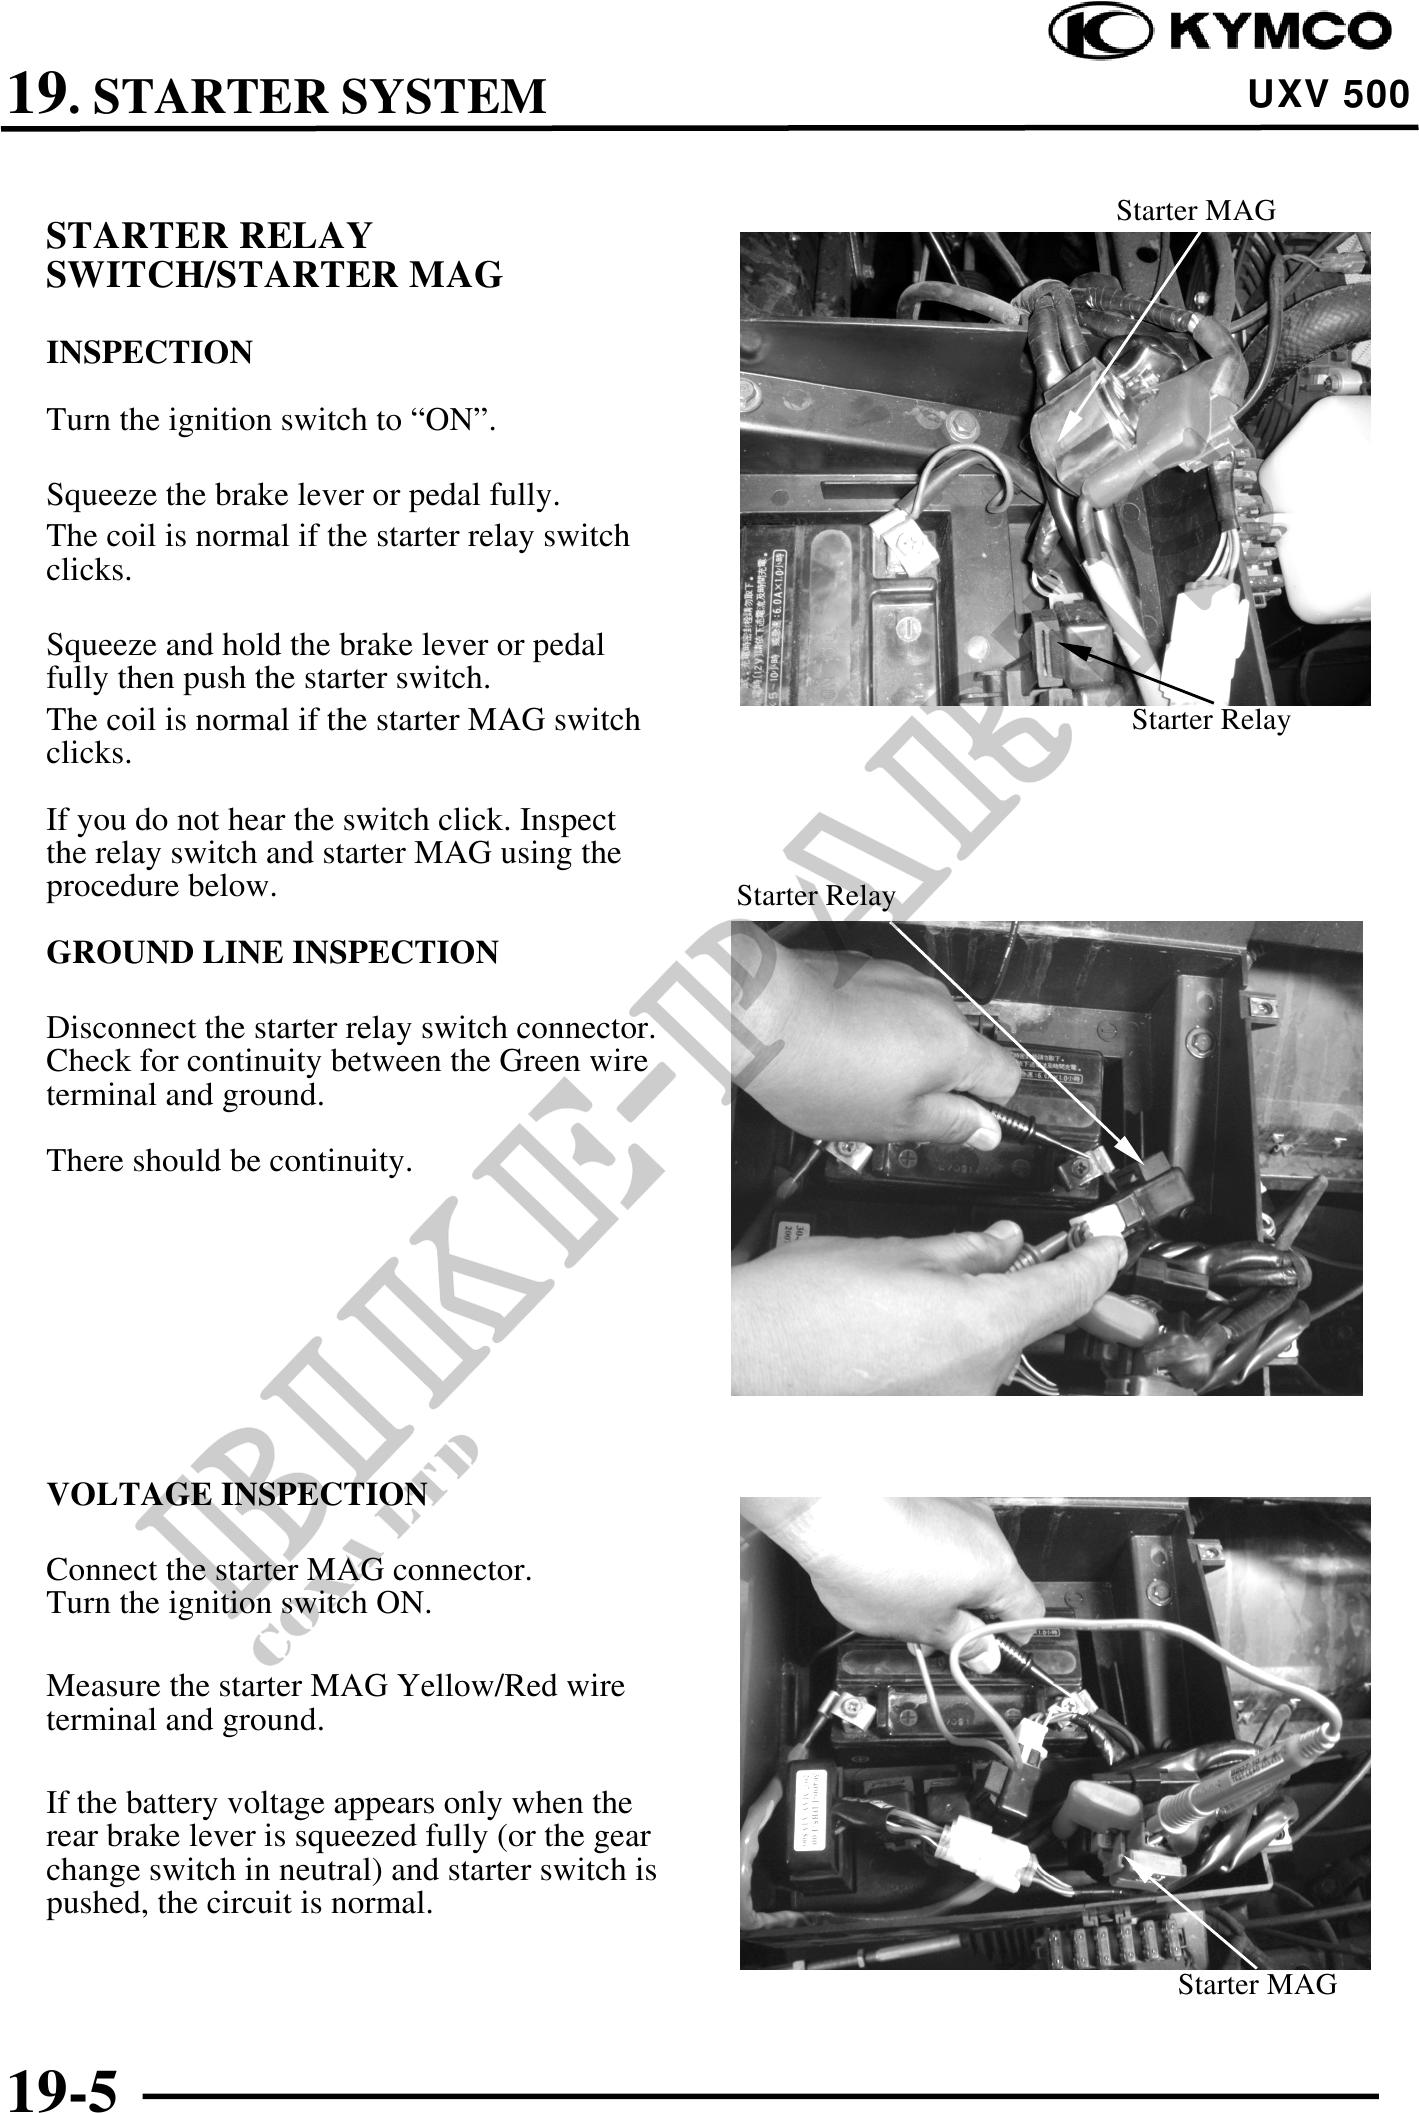 uxv 500 Workshop-manual : Page 445